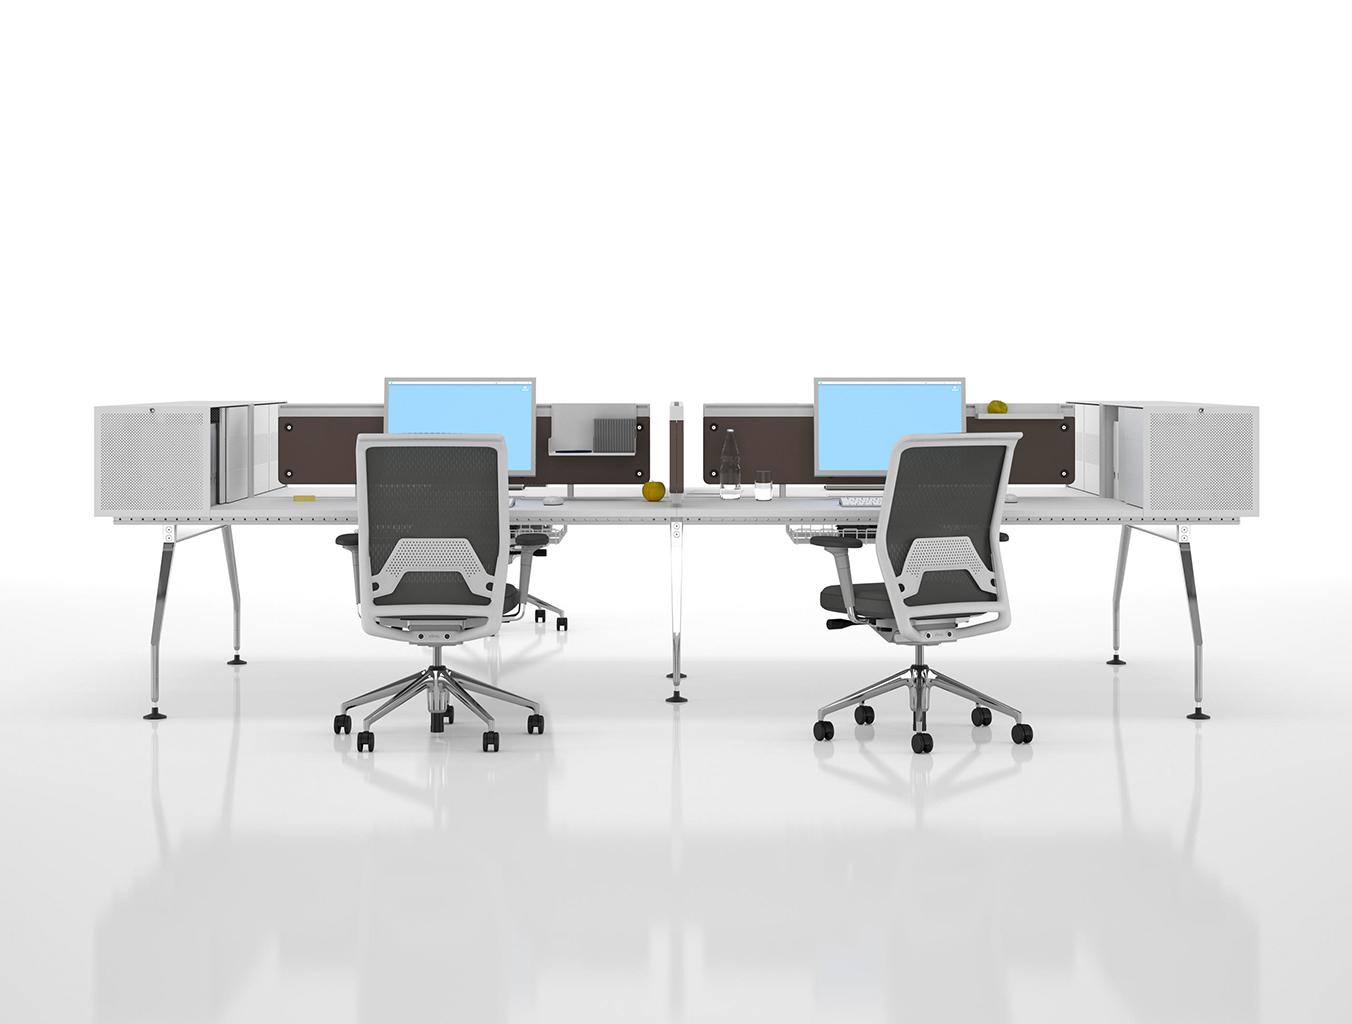 办公屏风|办公屏风系统|办公家具|设计师家具|Ad Hoc 桌面组合办公台